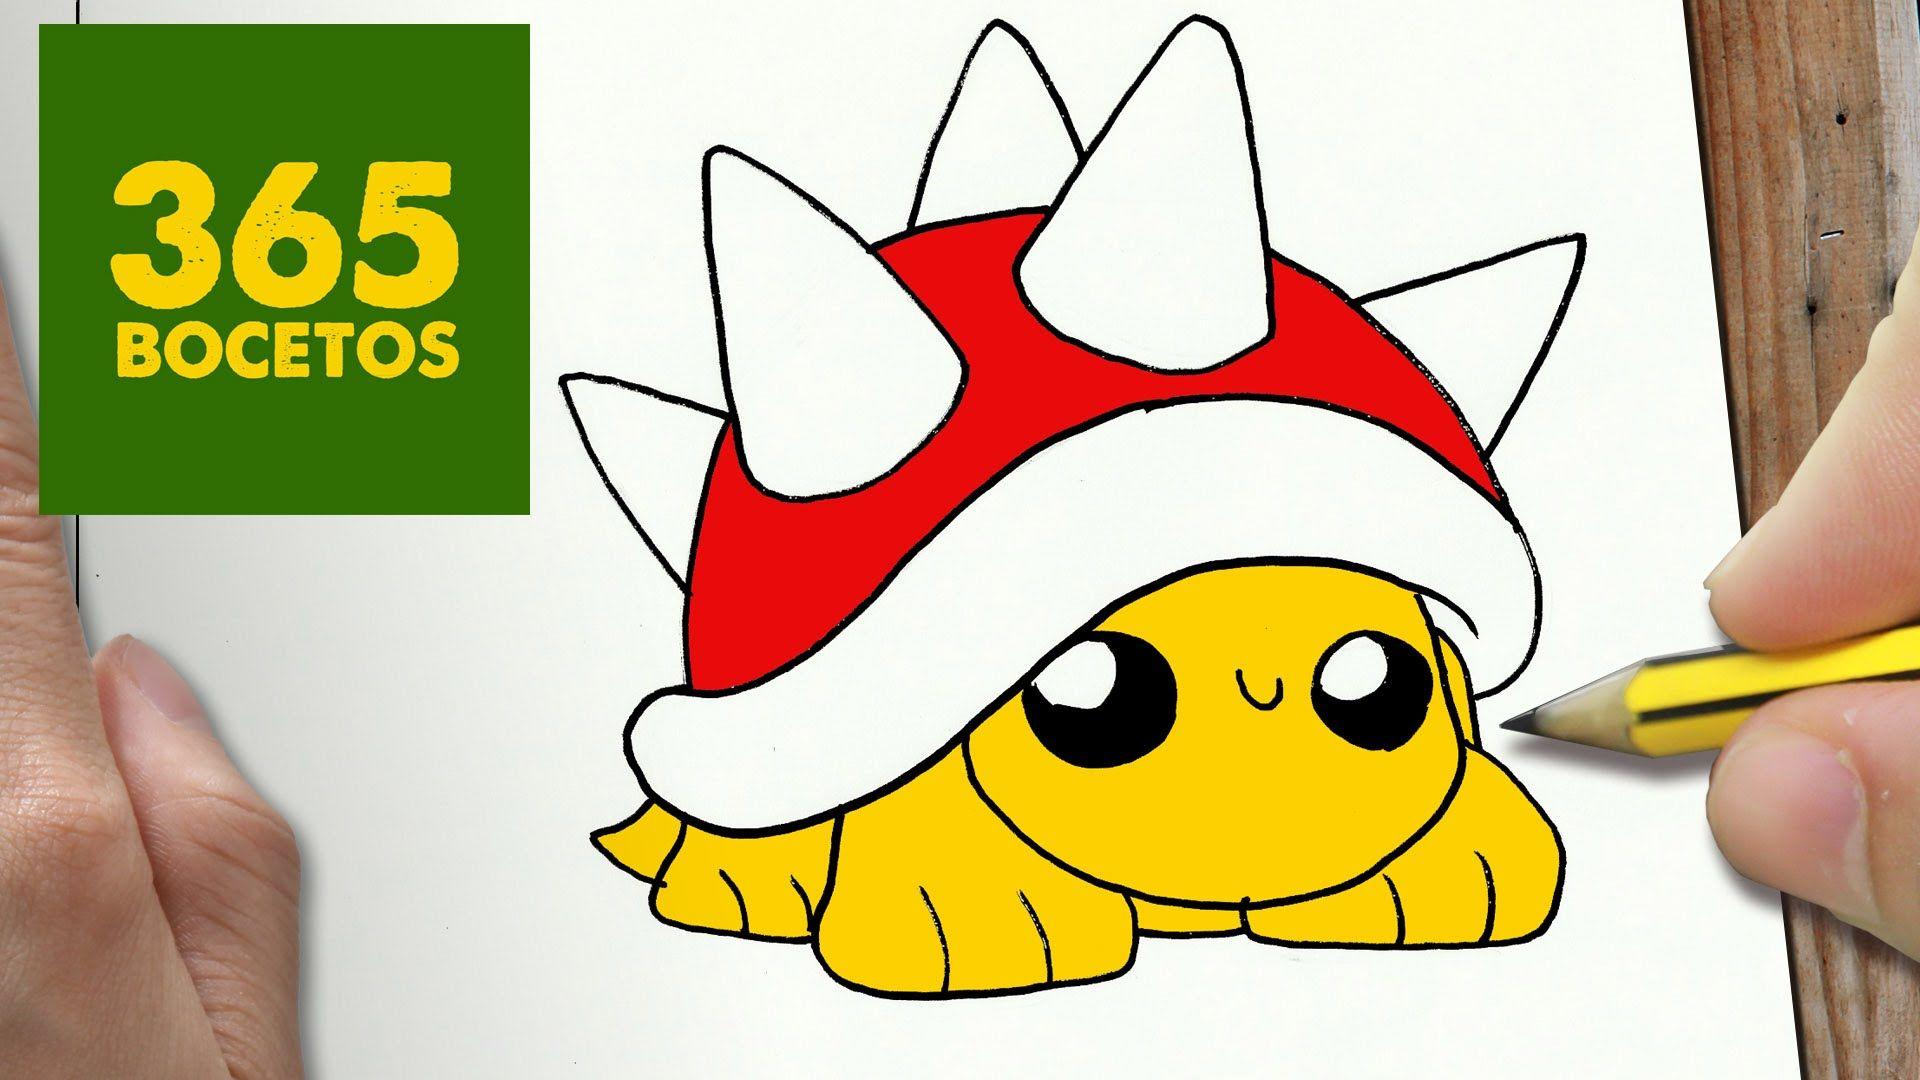 Resultado De Imagen Para 365 Bocetos De Sonic Bocetos Dibujos